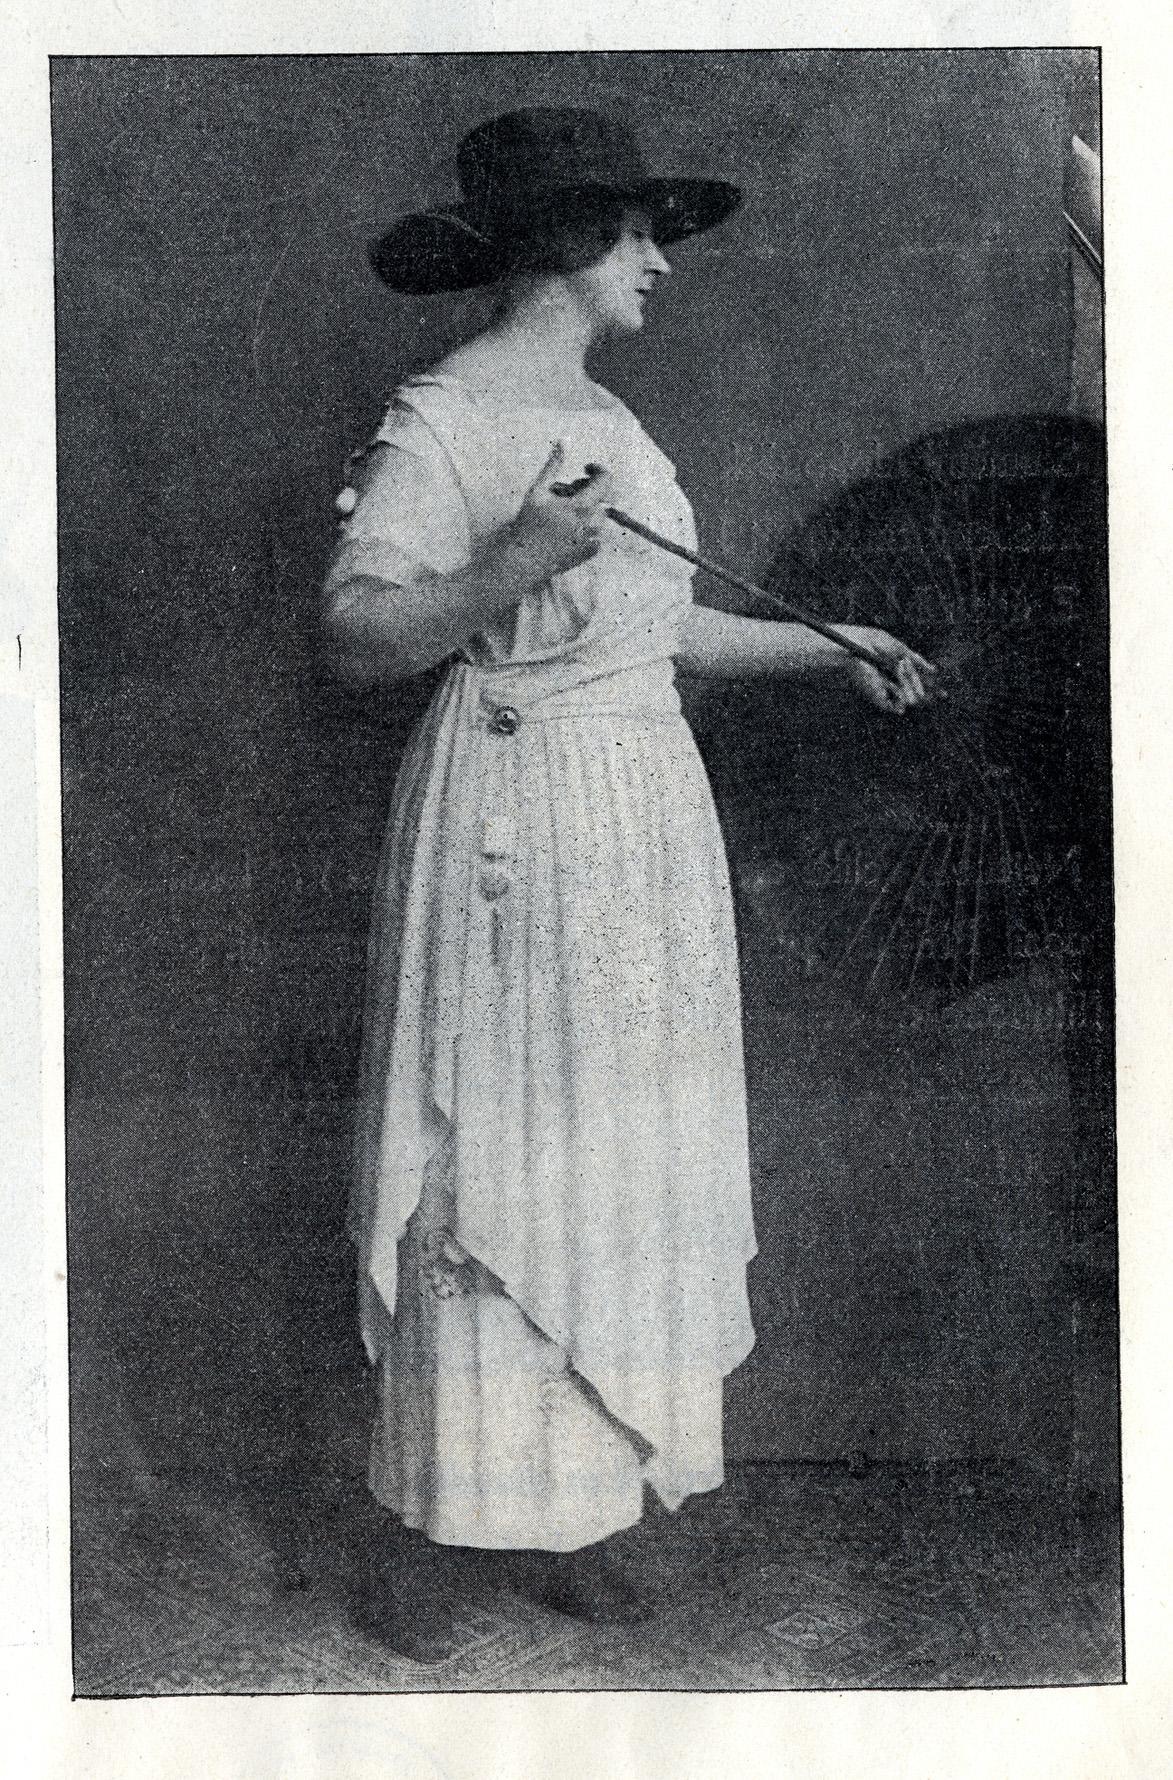 Růžena Naskova, členka činohry Národniho divadla, v bílých šatech z krepdešinu Moda a vkus I, č. 1, duben 1919, s. 5